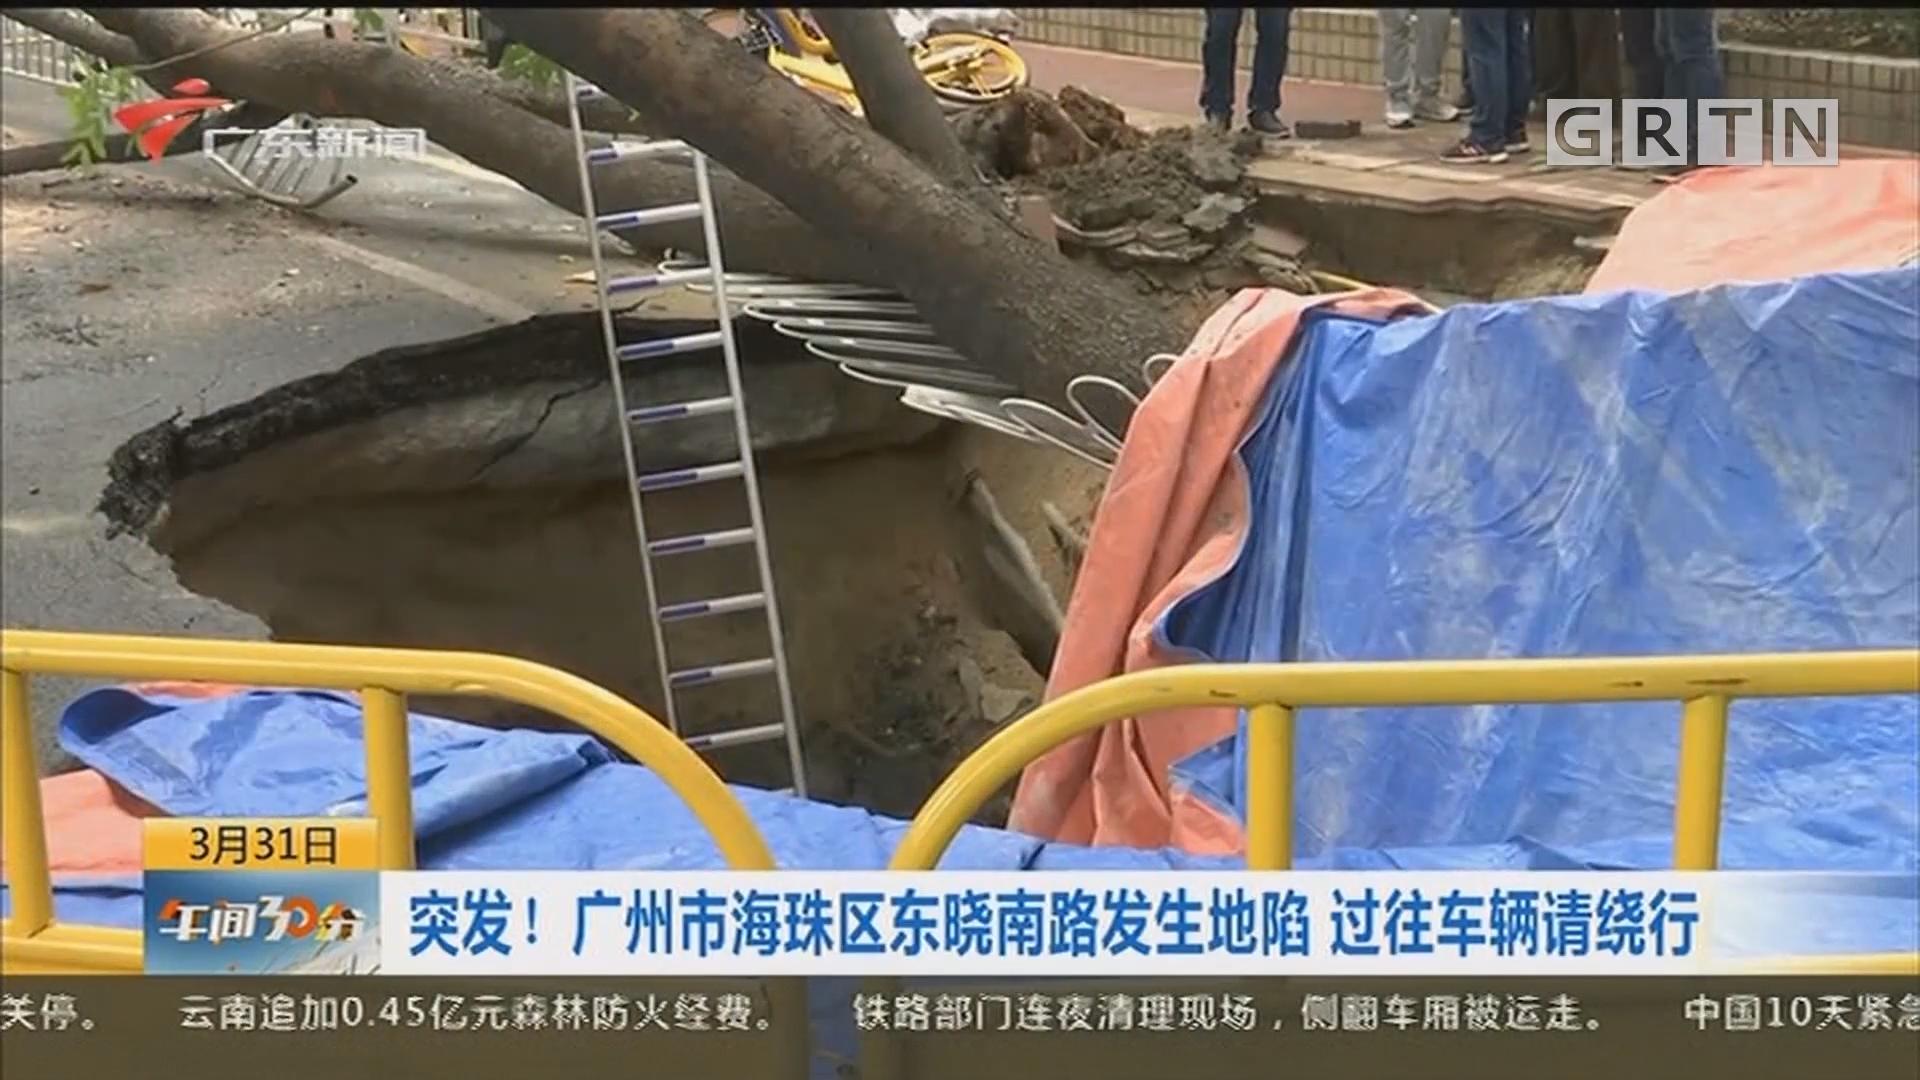 突发!广州市海珠区东晓南路发生地陷 过往车辆请绕行